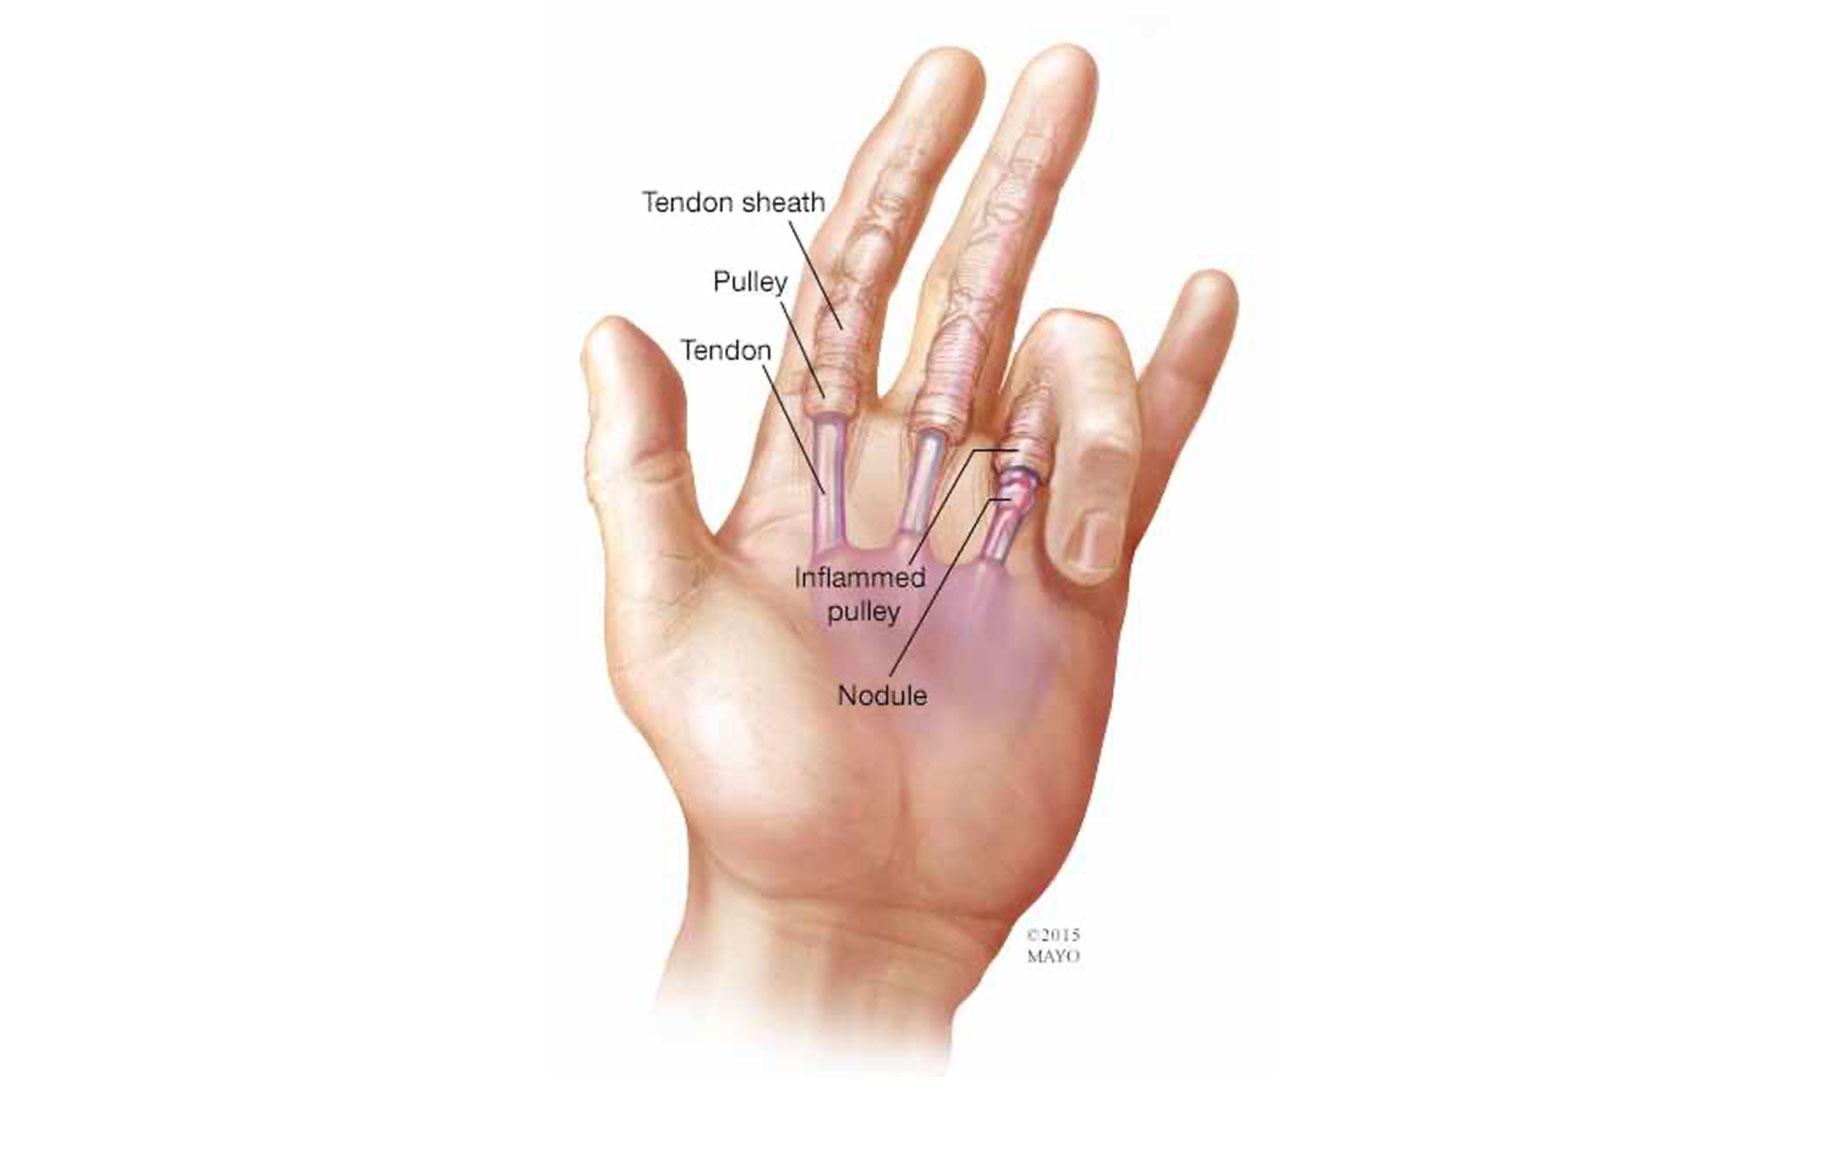 腱鞘炎 手術